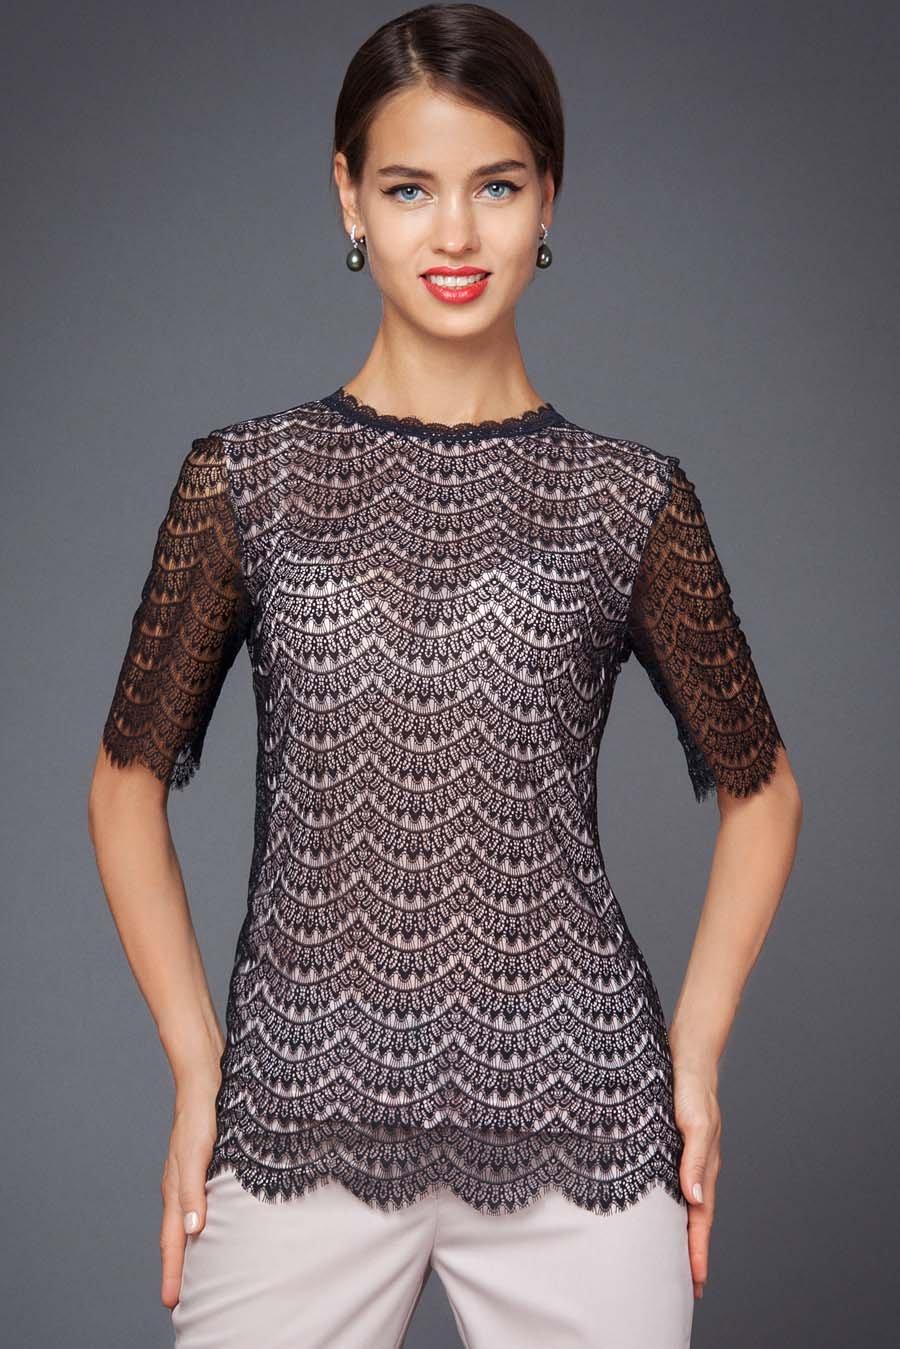 Купить блузку в Воронеже